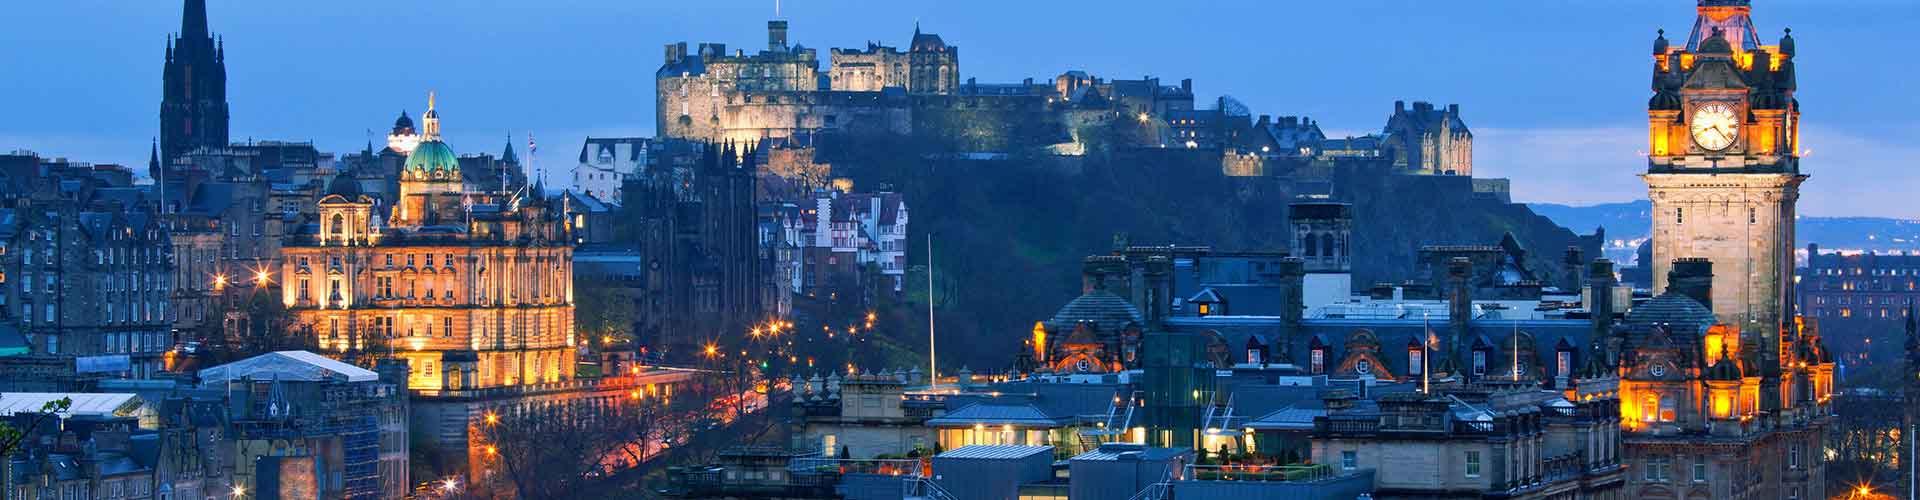 Edinburgh - Hostels nahe Stadtzentrum. Edinburgh auf der Karte. Fotos und Bewertungen für jedes Hostel in Edinburgh.